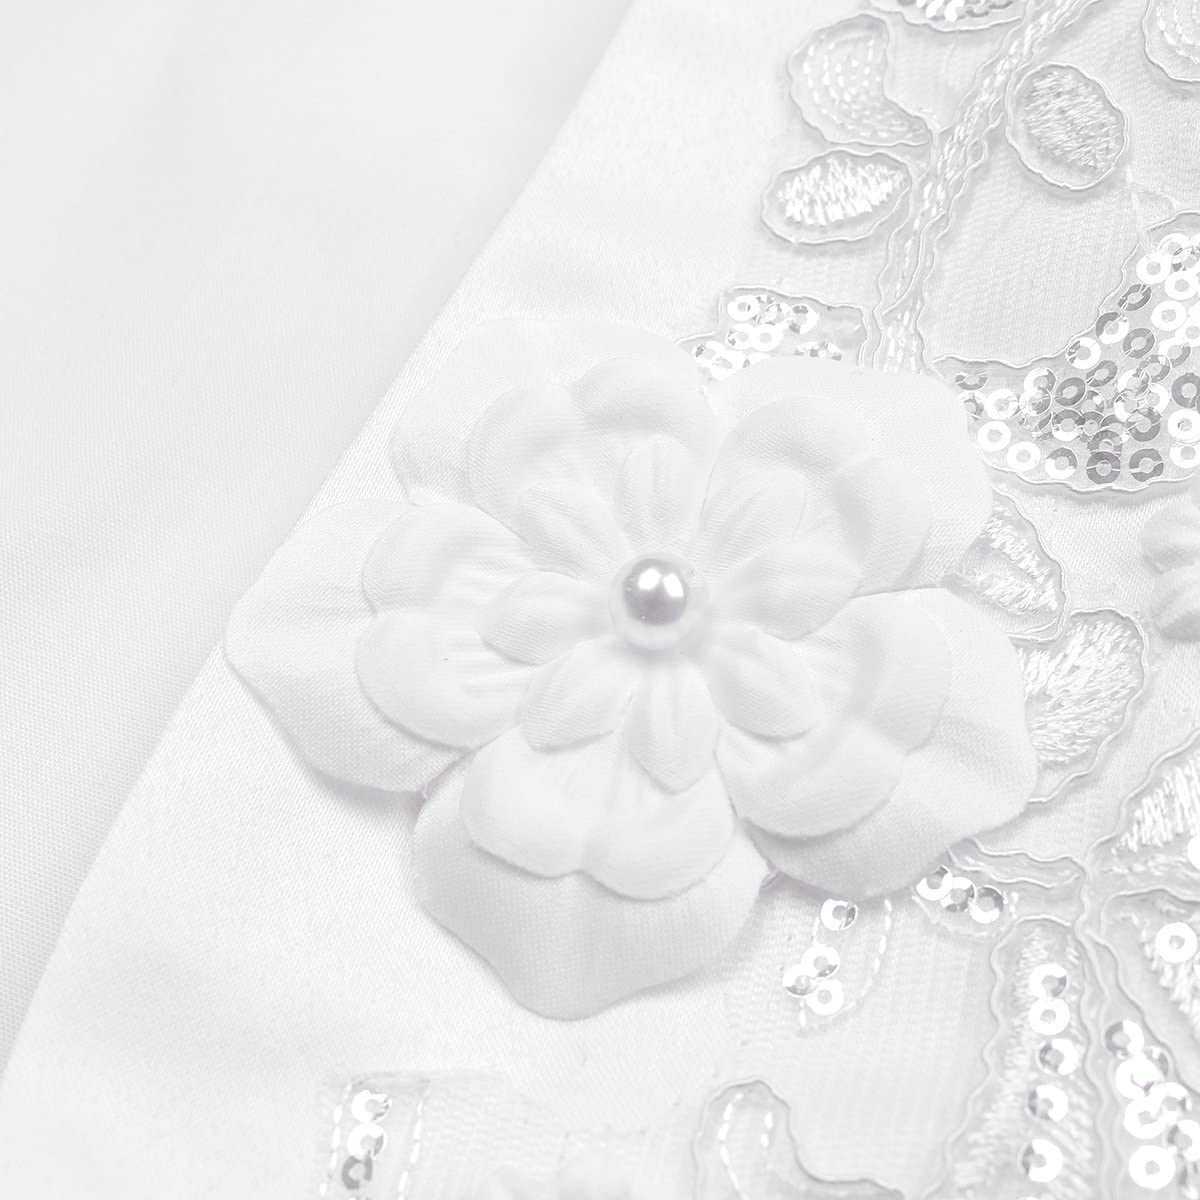 IEFIEL Bol/éro Fille Demoiselle dhonneur Enfant Gilet /à Manches Longues Mariage C/ér/émonie Couvre /Épaule Blanc 12 Mois 10 Ans